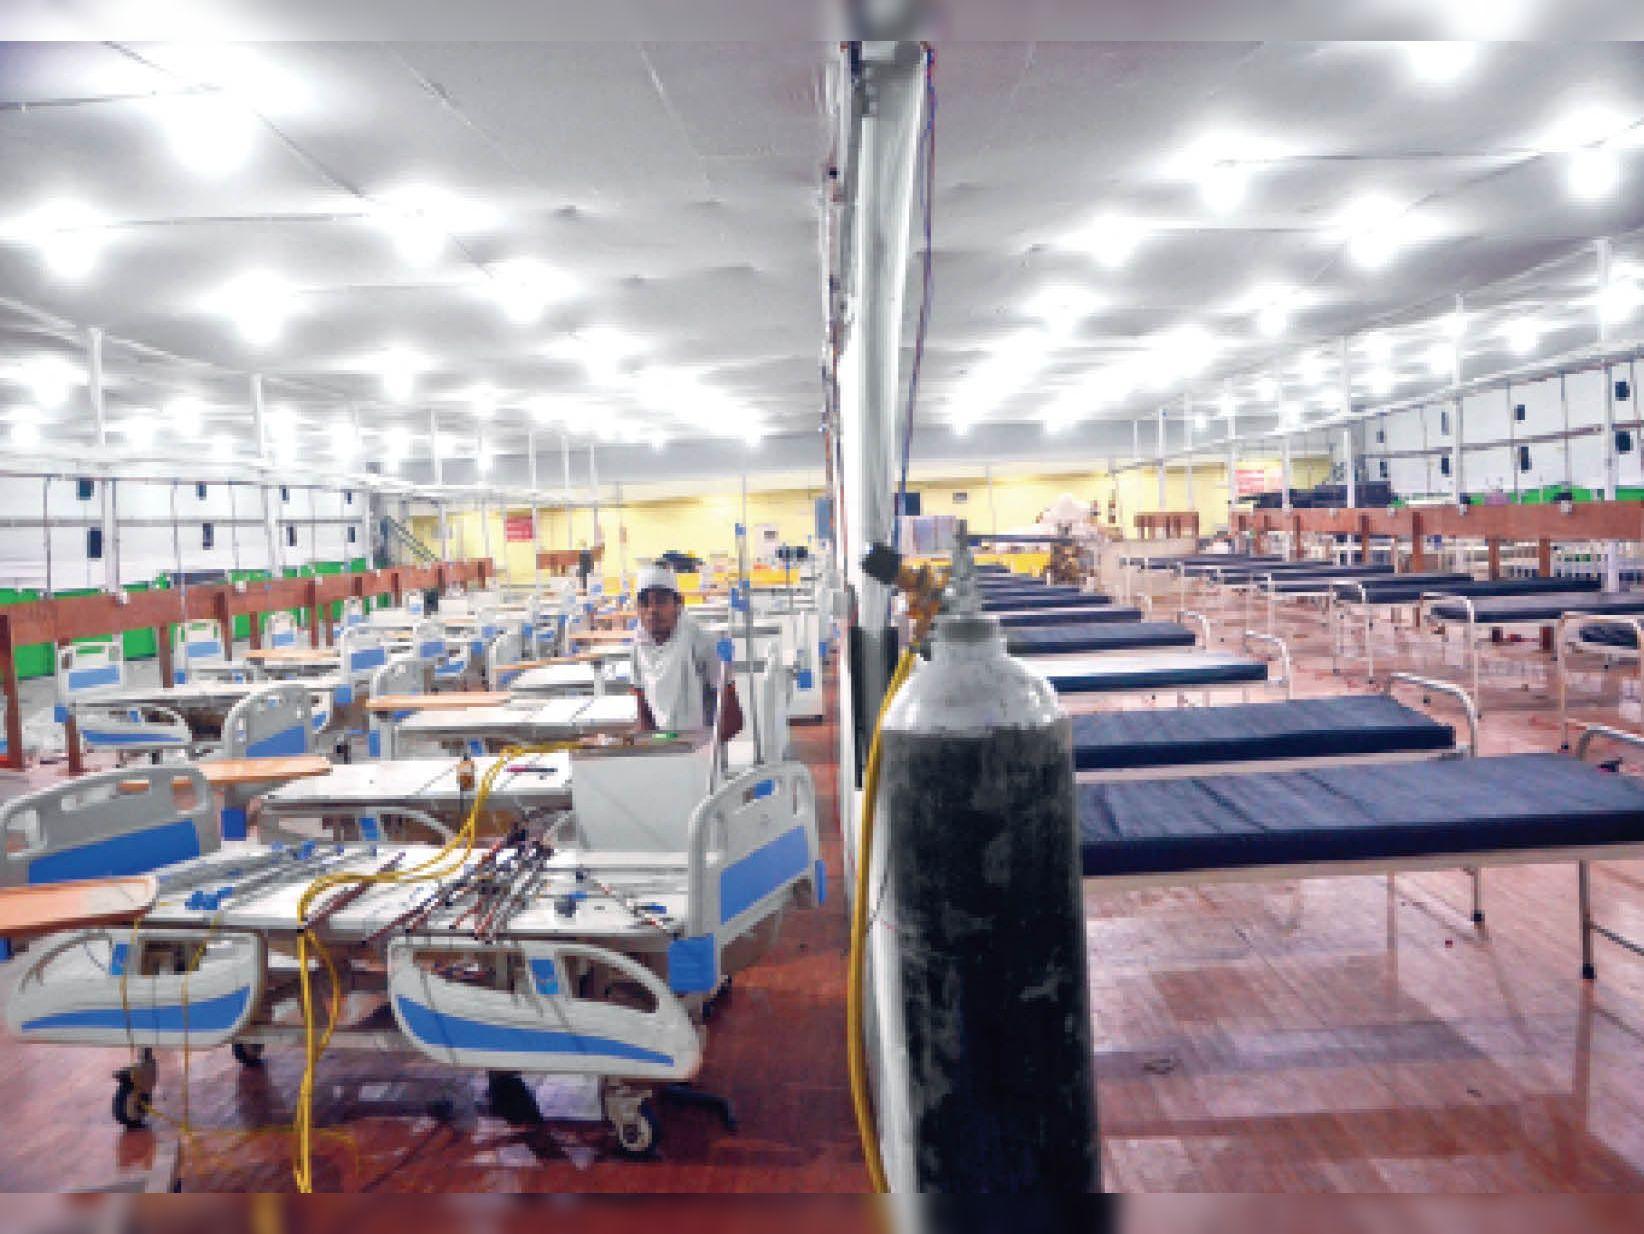 पाटलिपुत्र स्पोर्ट्स कॉम्प्लेक्स में शुरू होगा 100 बेड का कोविड अस्पताल - Dainik Bhaskar